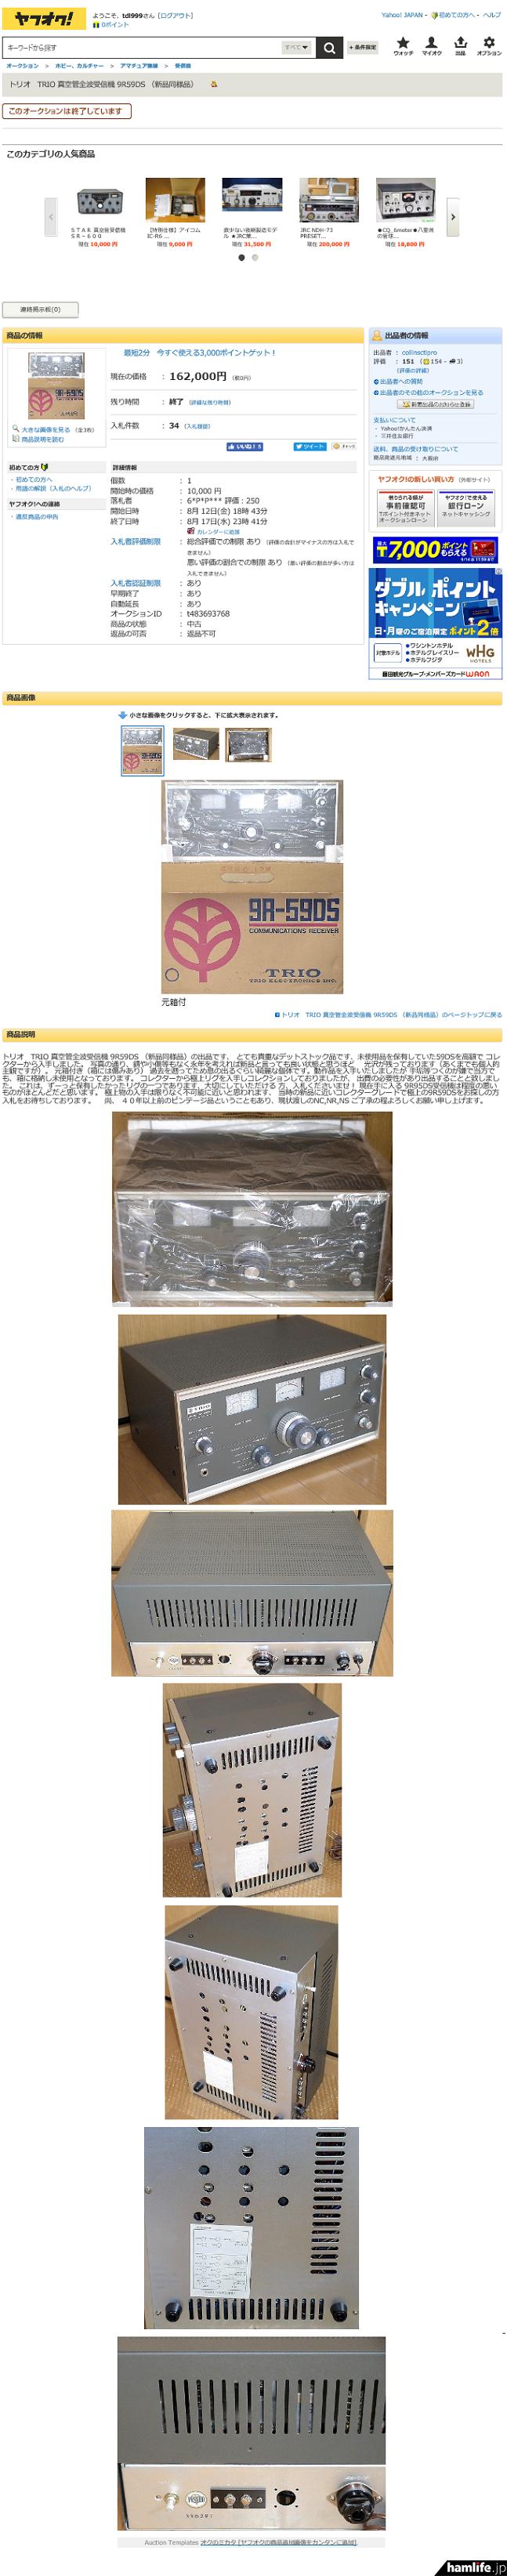 ヤフオクに登場した「トリオ TRIO 真空管全波受信機 9R59DS(新品同様品)」。すでにオークションは終了している(ヤフオクの画面から)